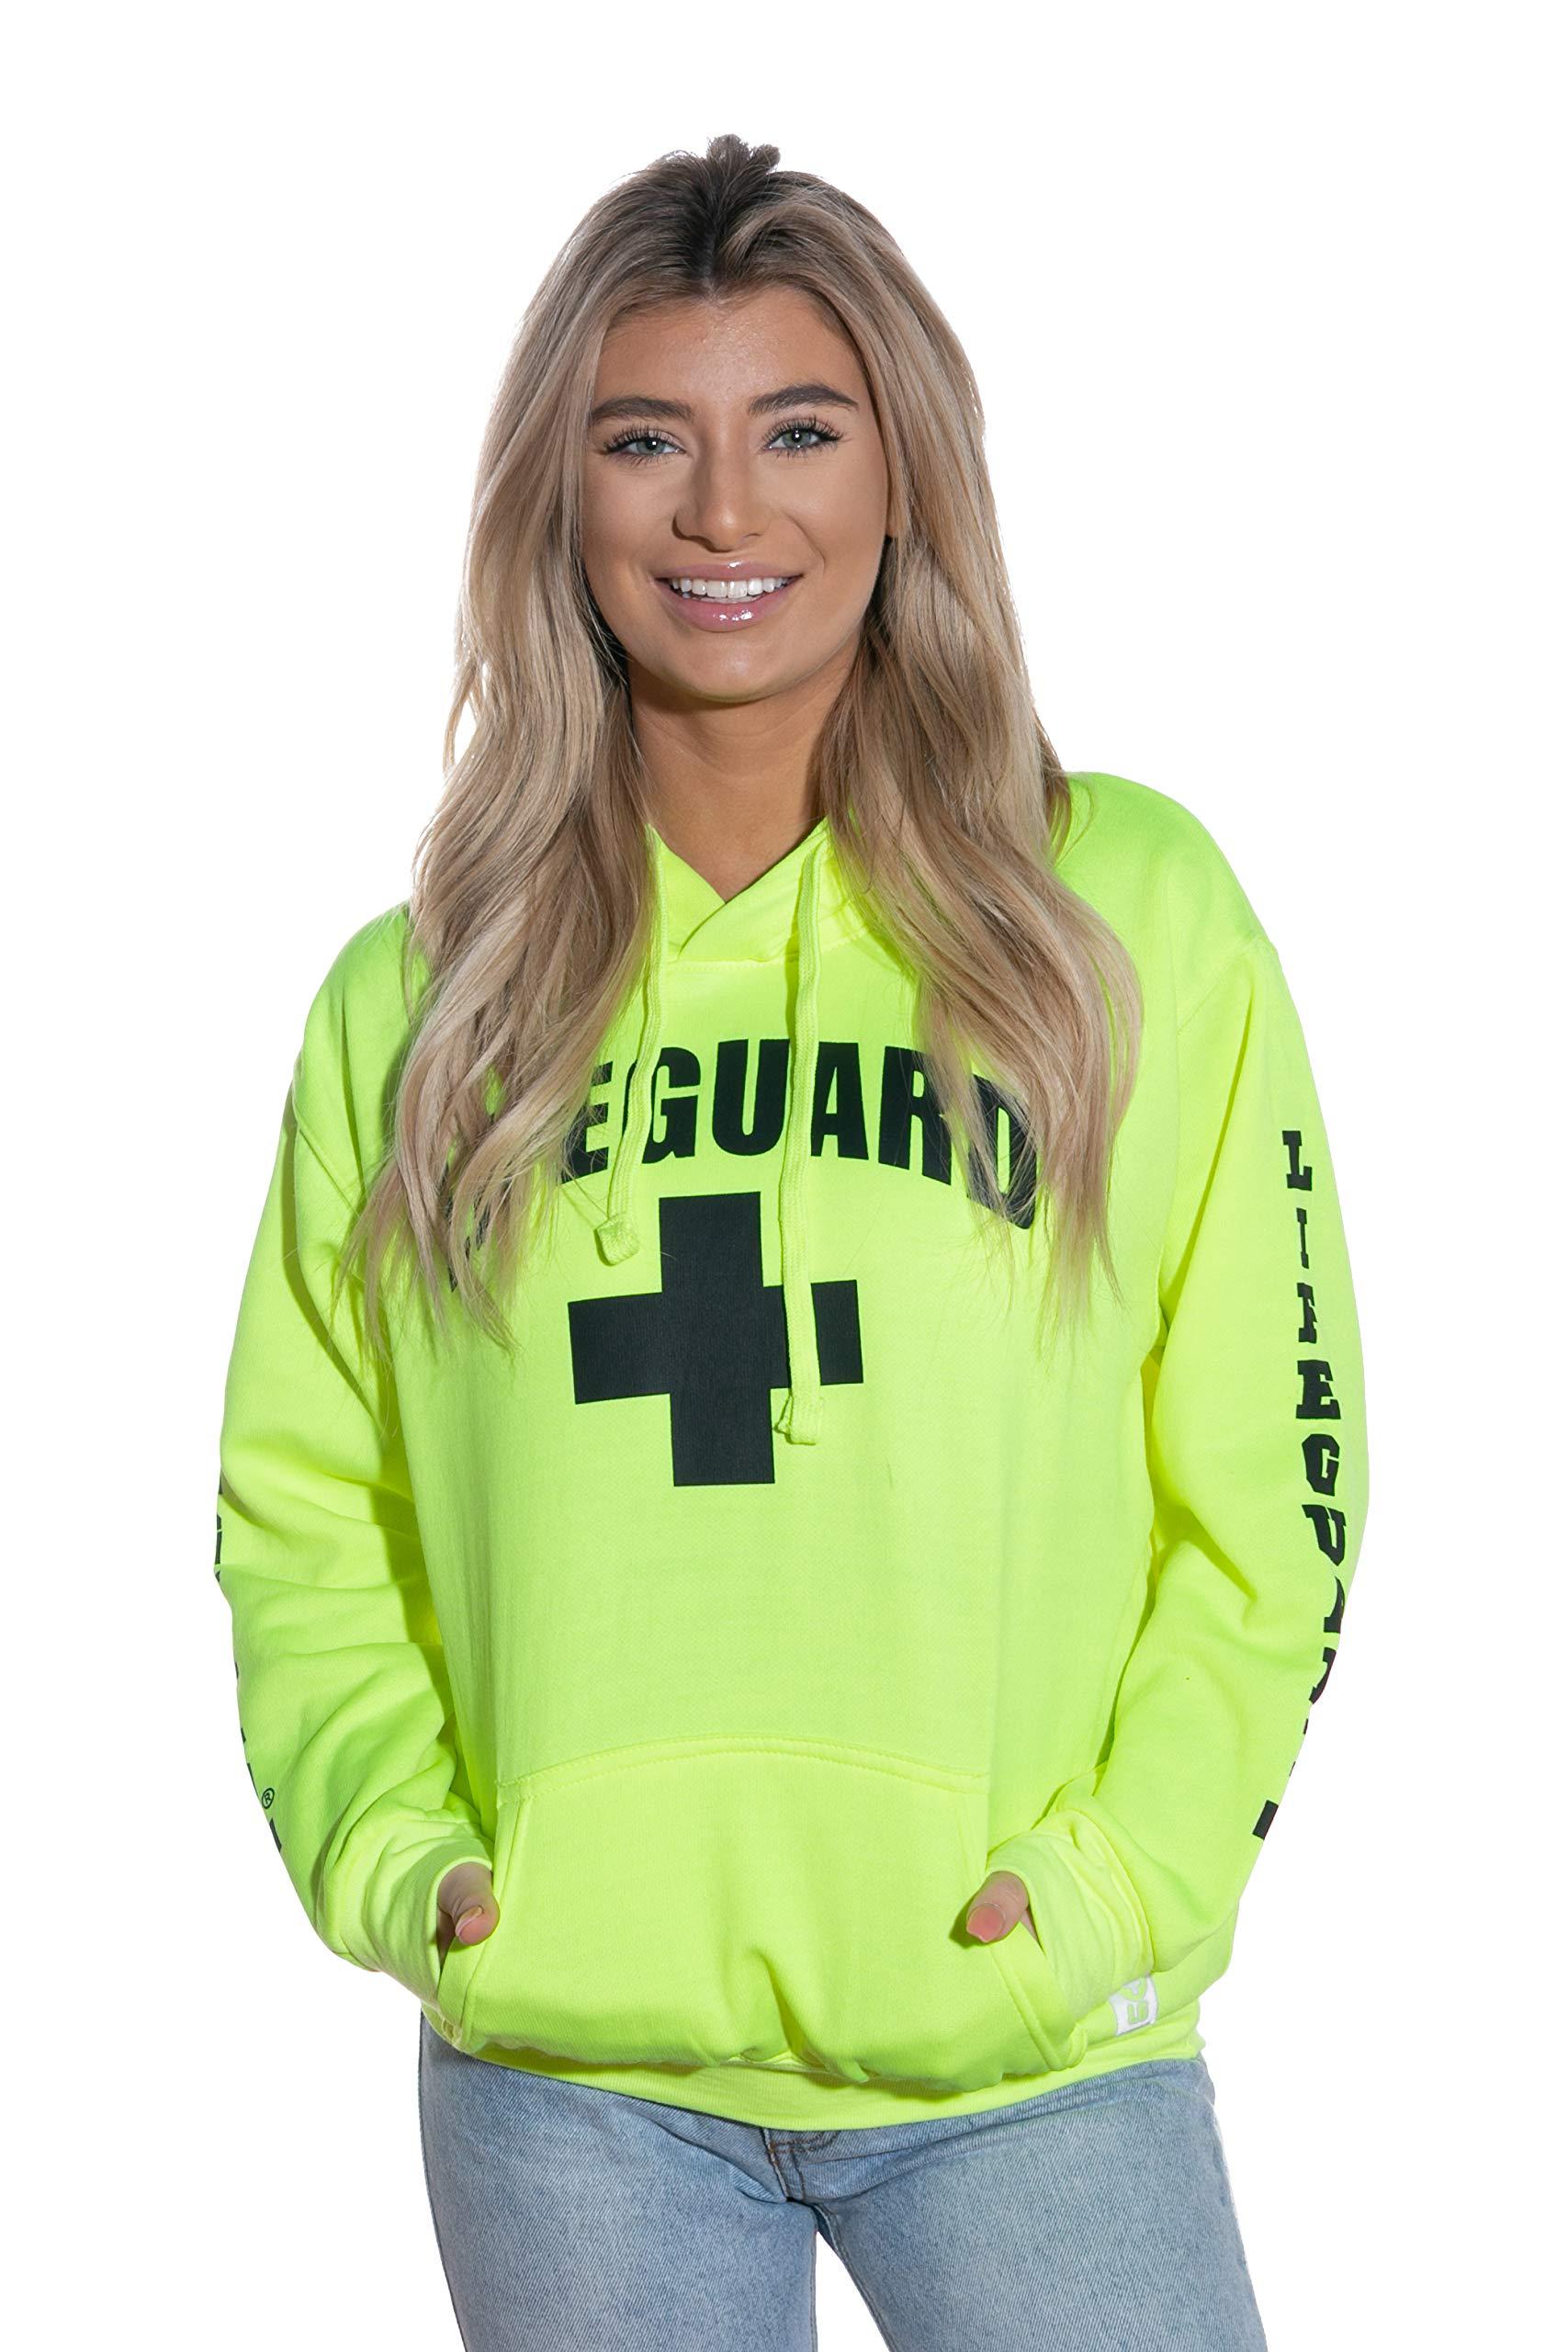 Classic Pullover Hoodie Fleece Sweatshirt Hooded Gym Outdoor Tops Yellow